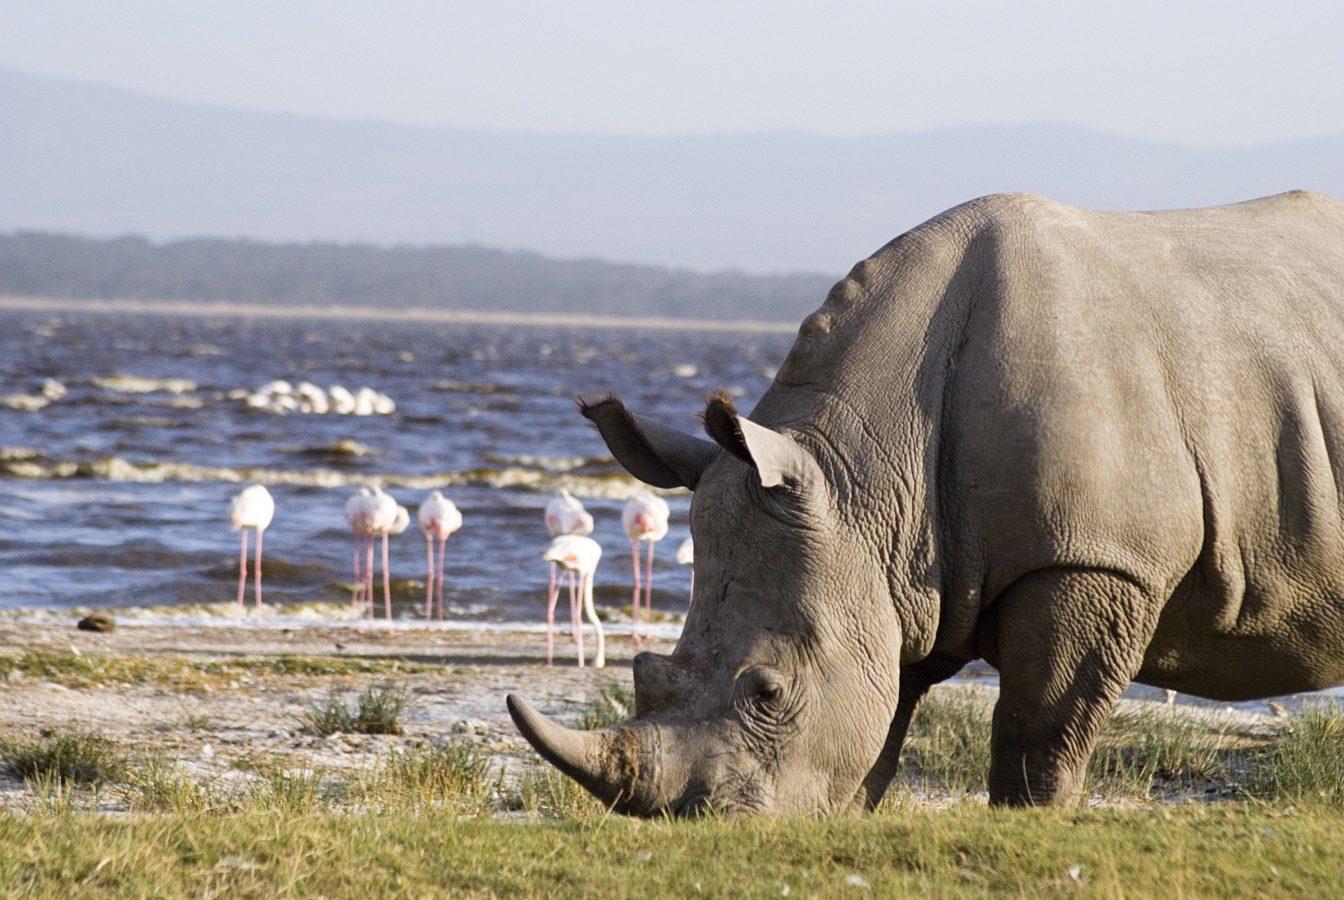 Rhino at Lake Shore